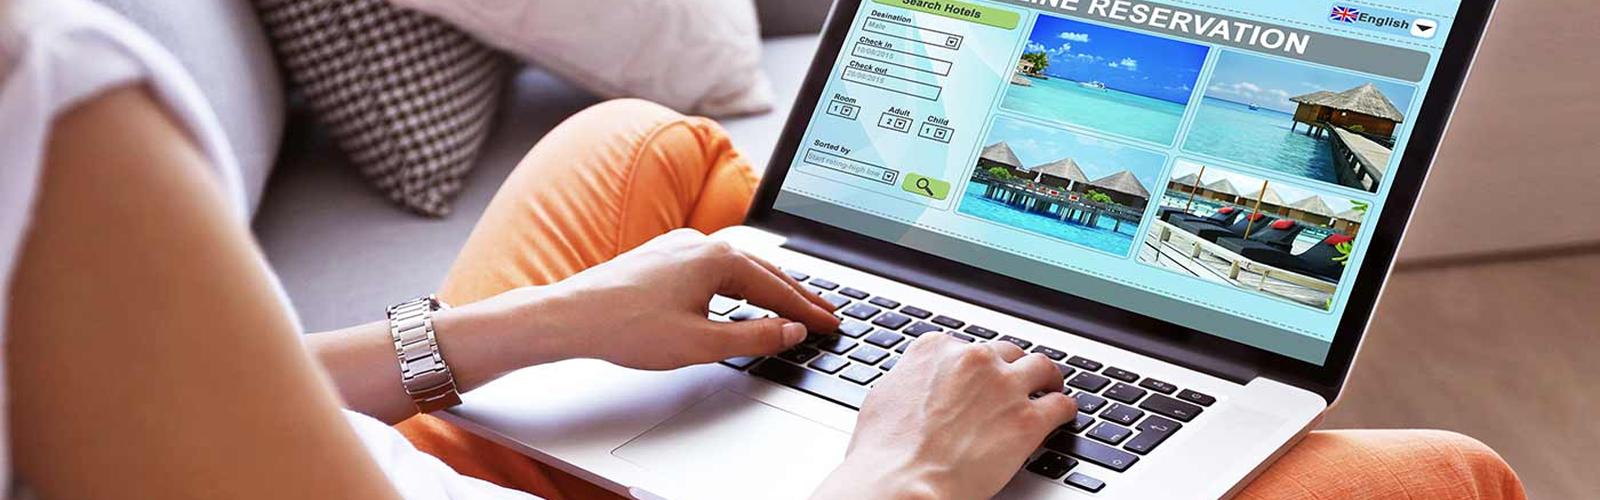 header-turismo-online